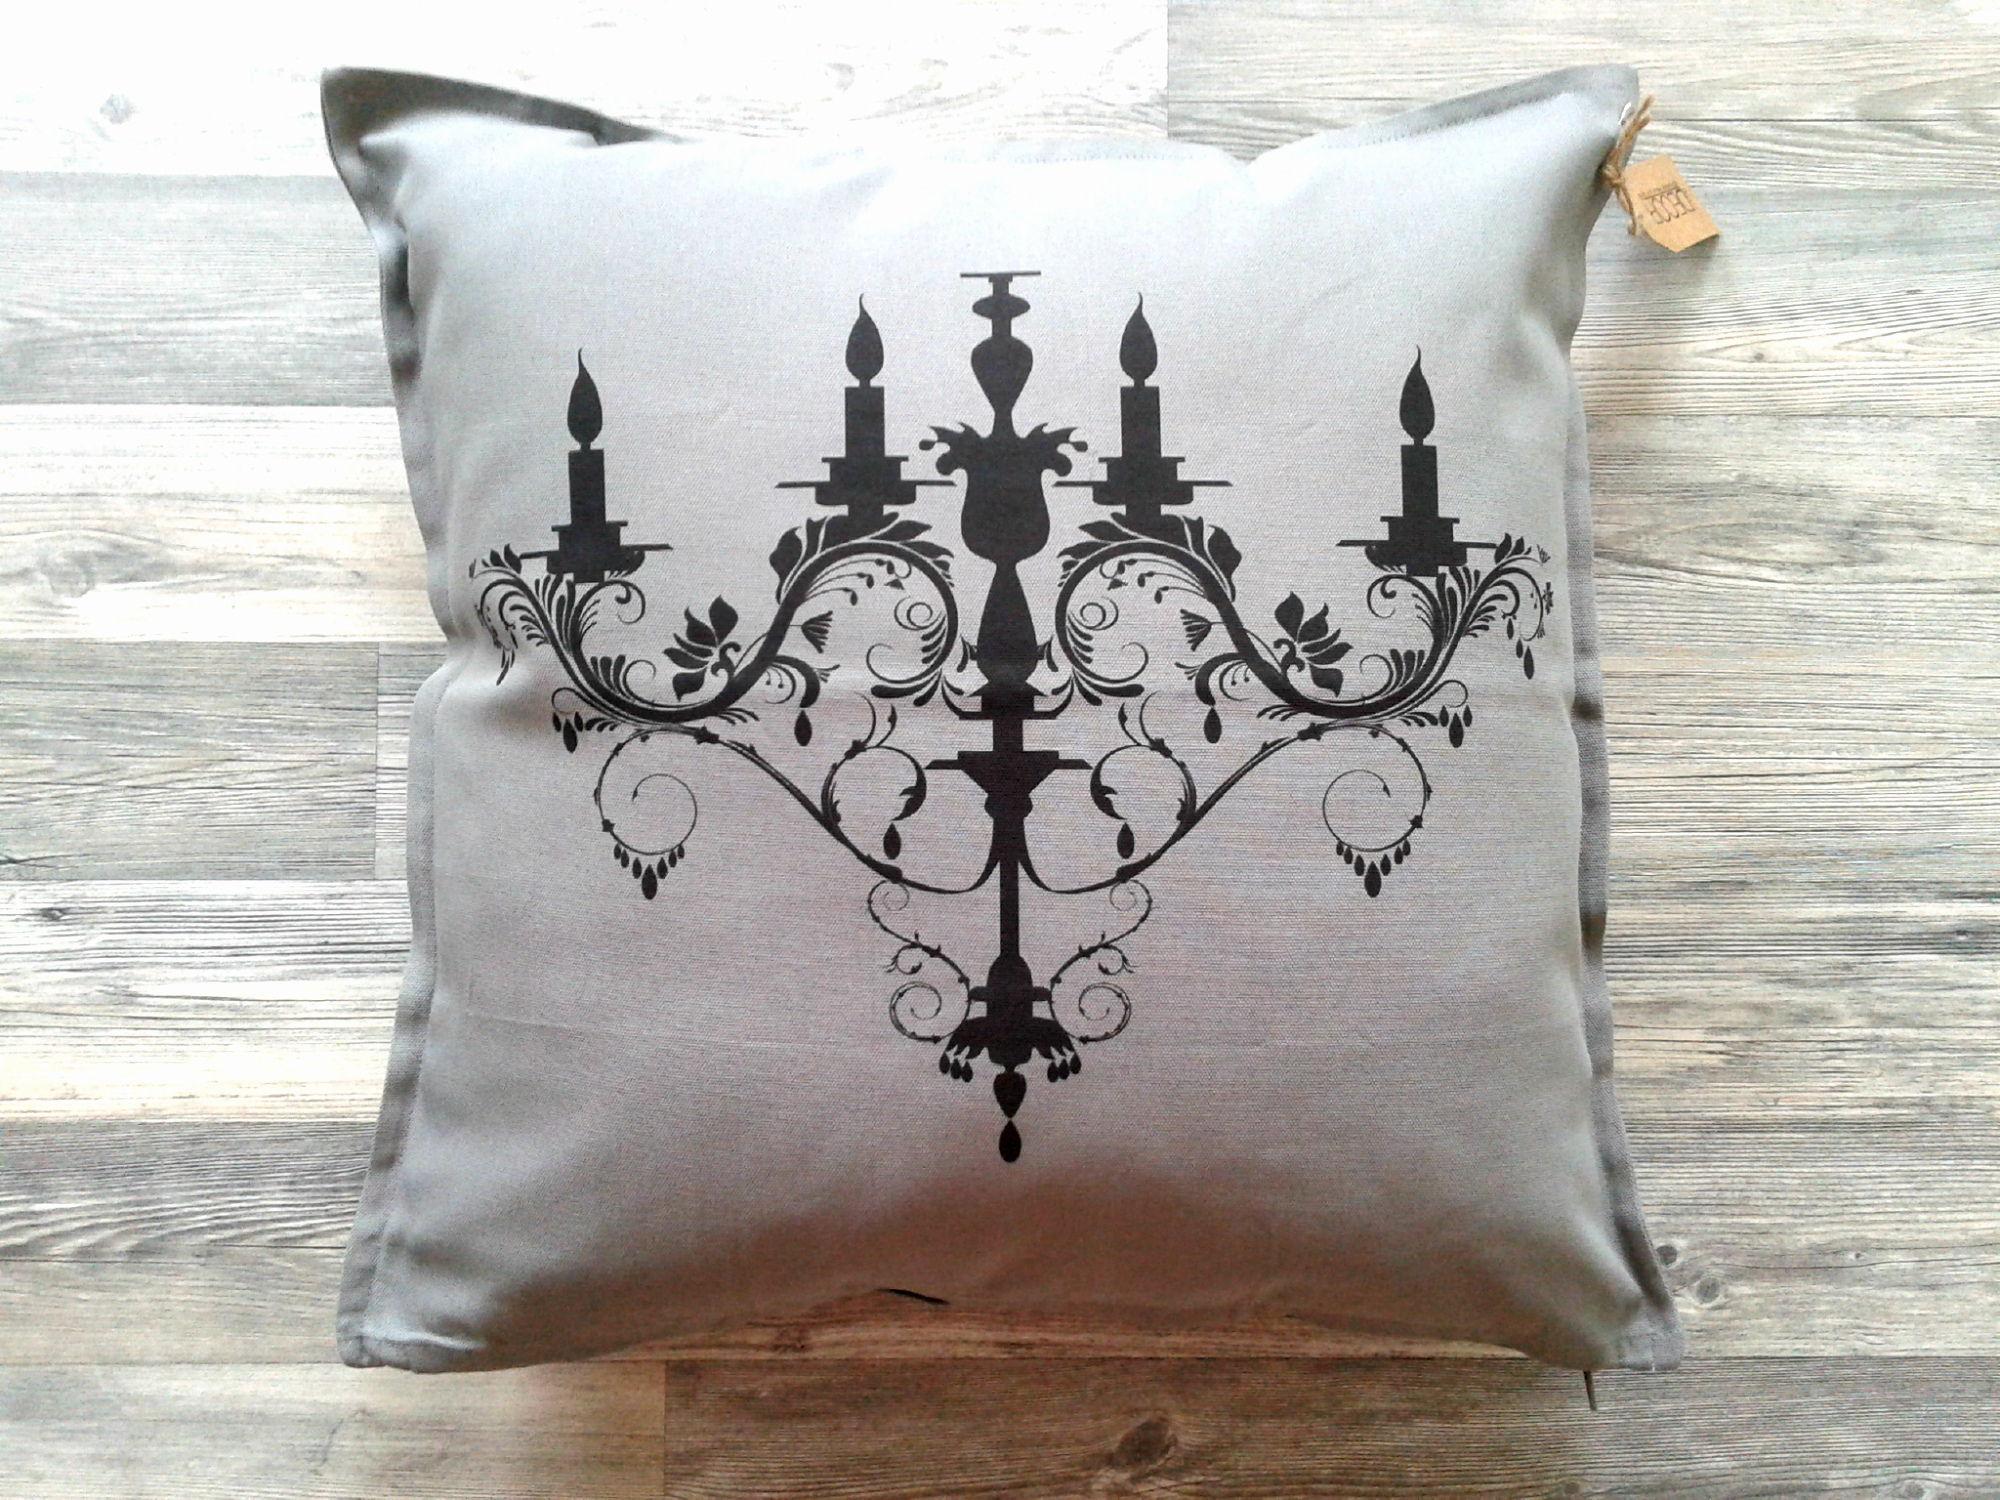 Такая подушка отлично подойдет для классического интерьера